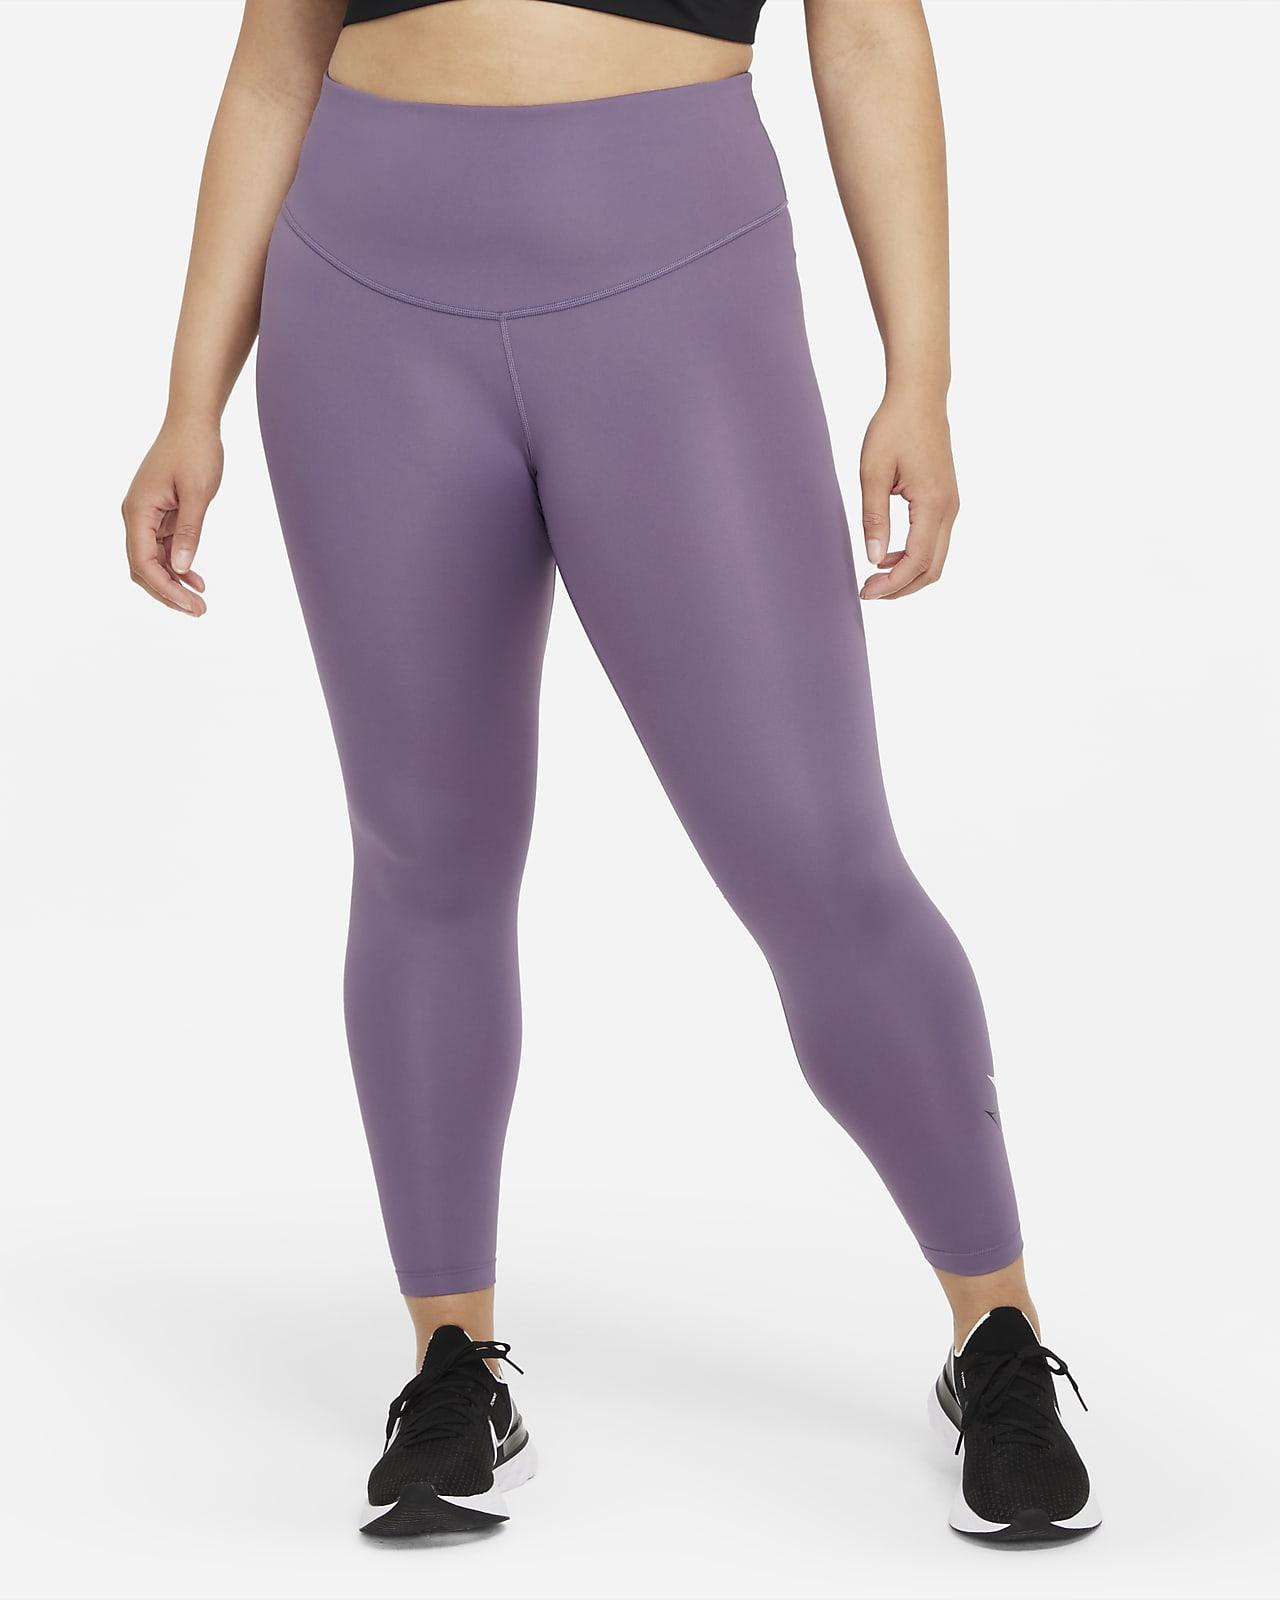 Dámské 7/8 běžecké legíny Nike Dri-FIT Swoosh Run se středně vysokým pasem (větší velikost)